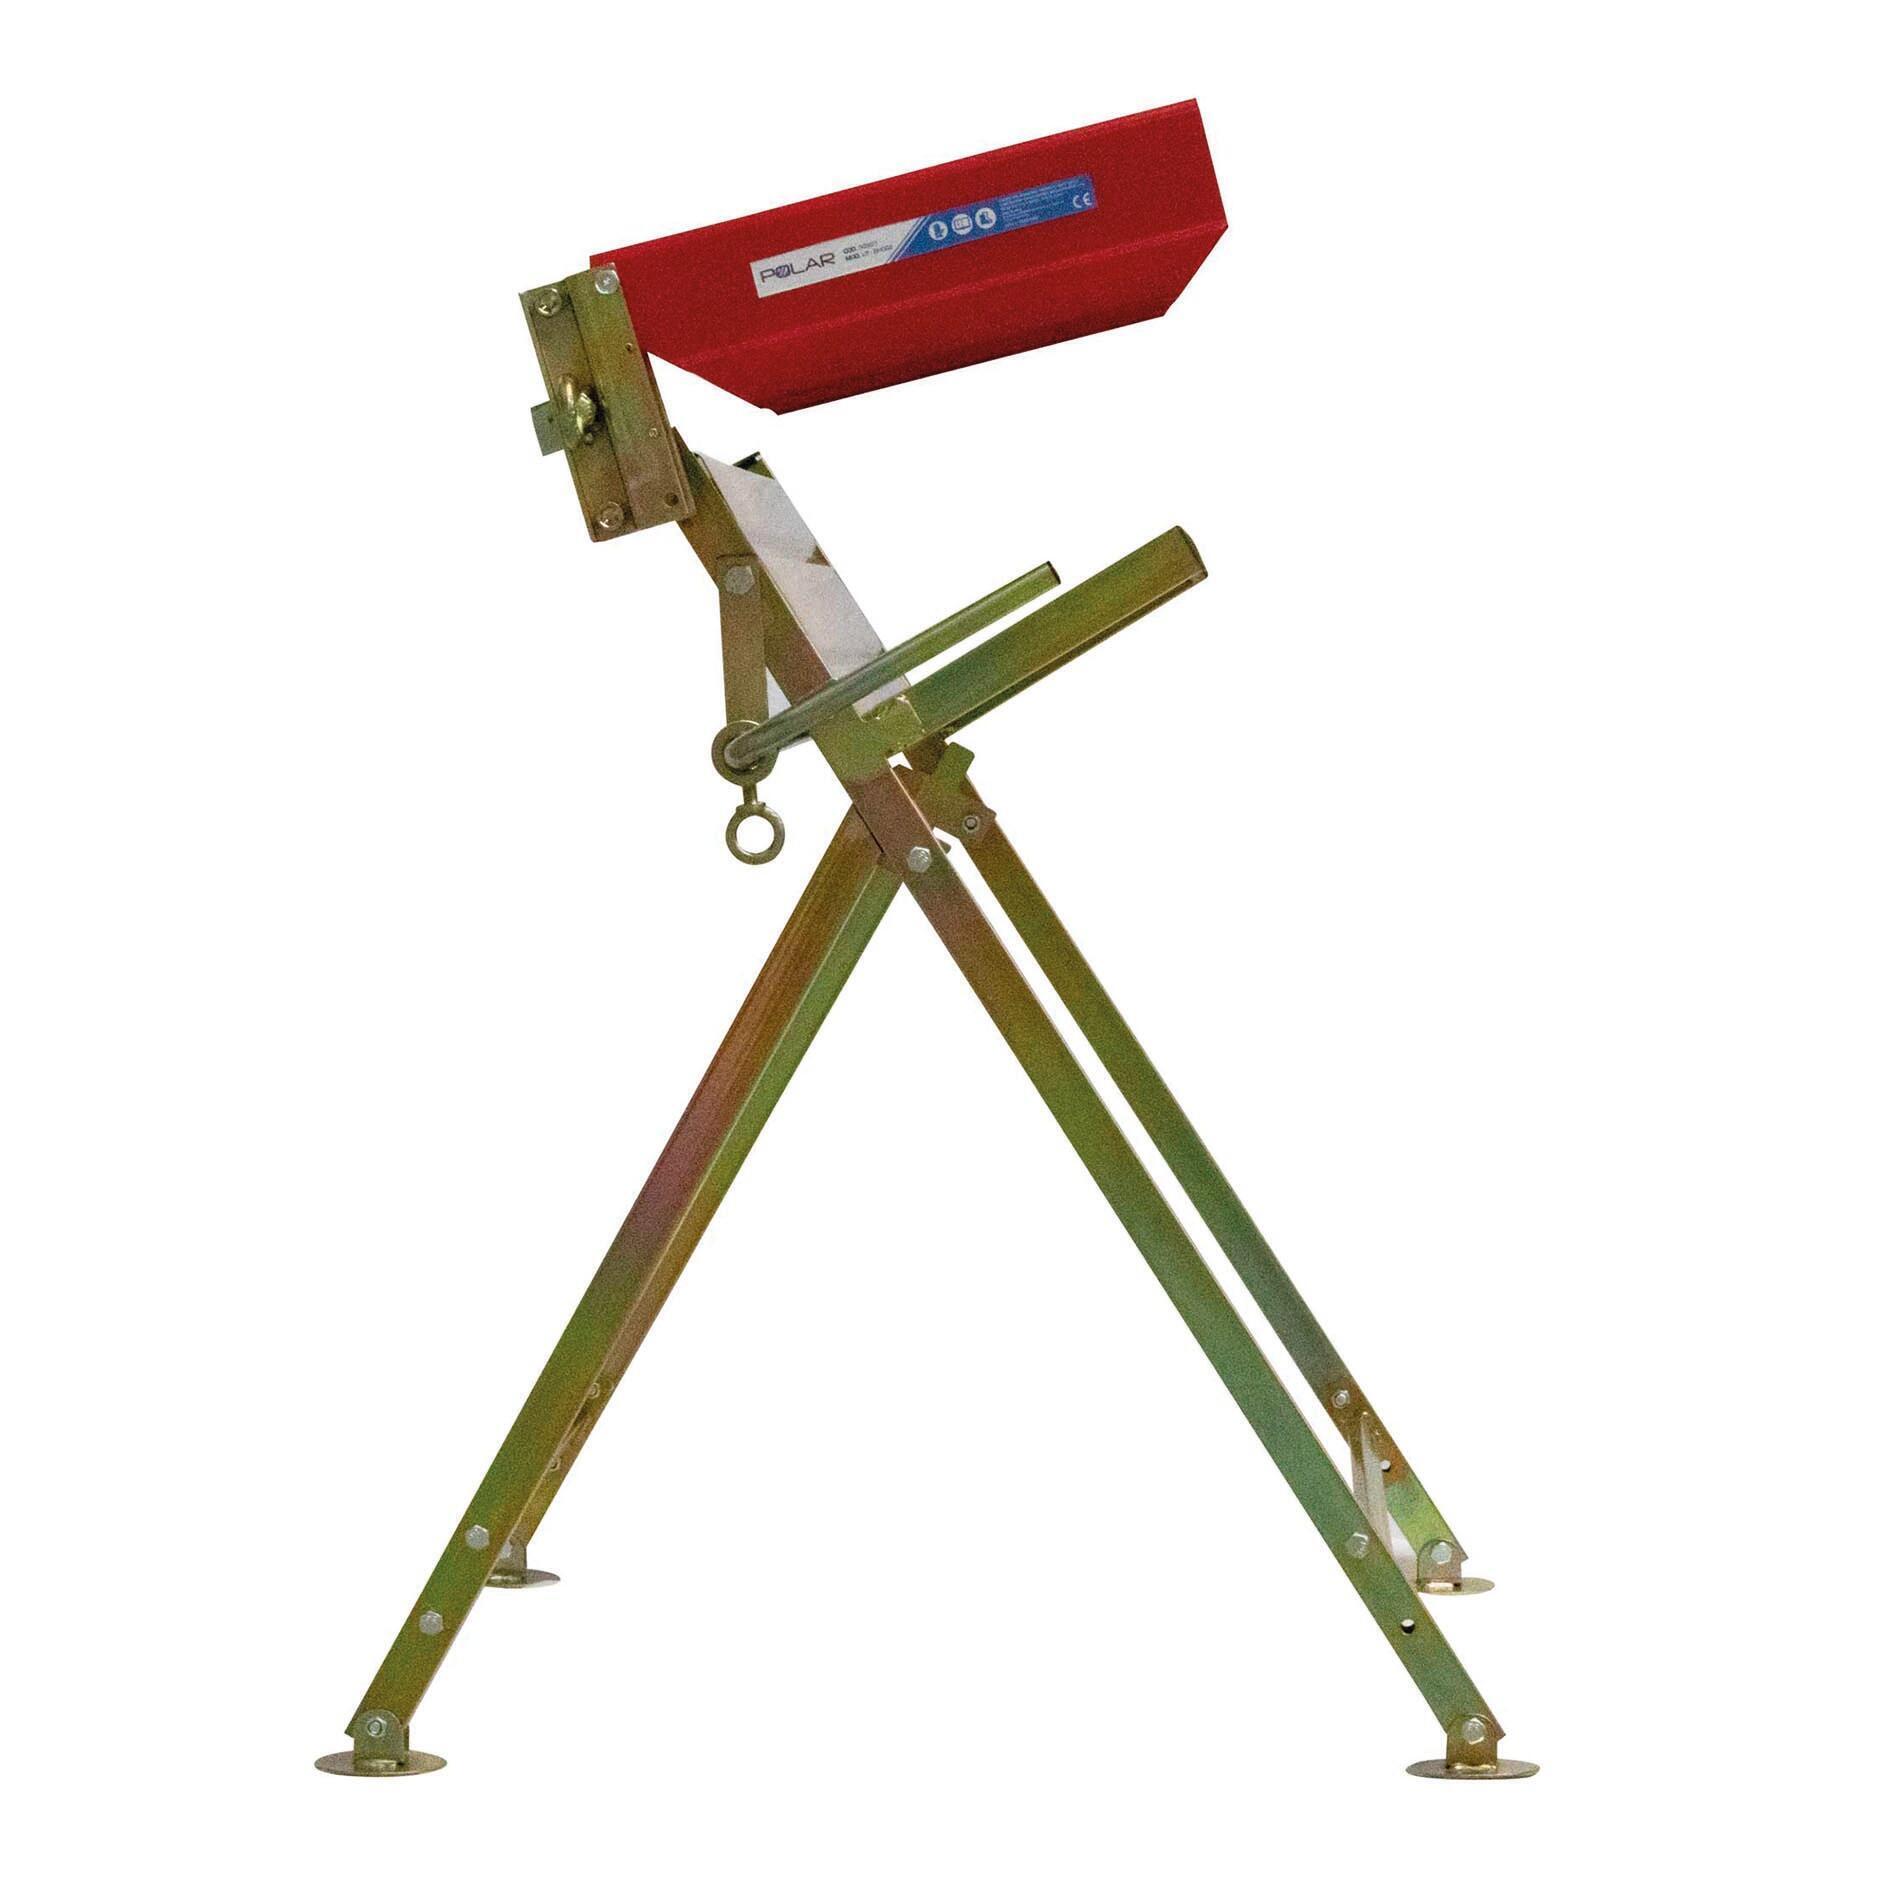 Cavalletto reggi legna in alluminio H 80 cm - 5